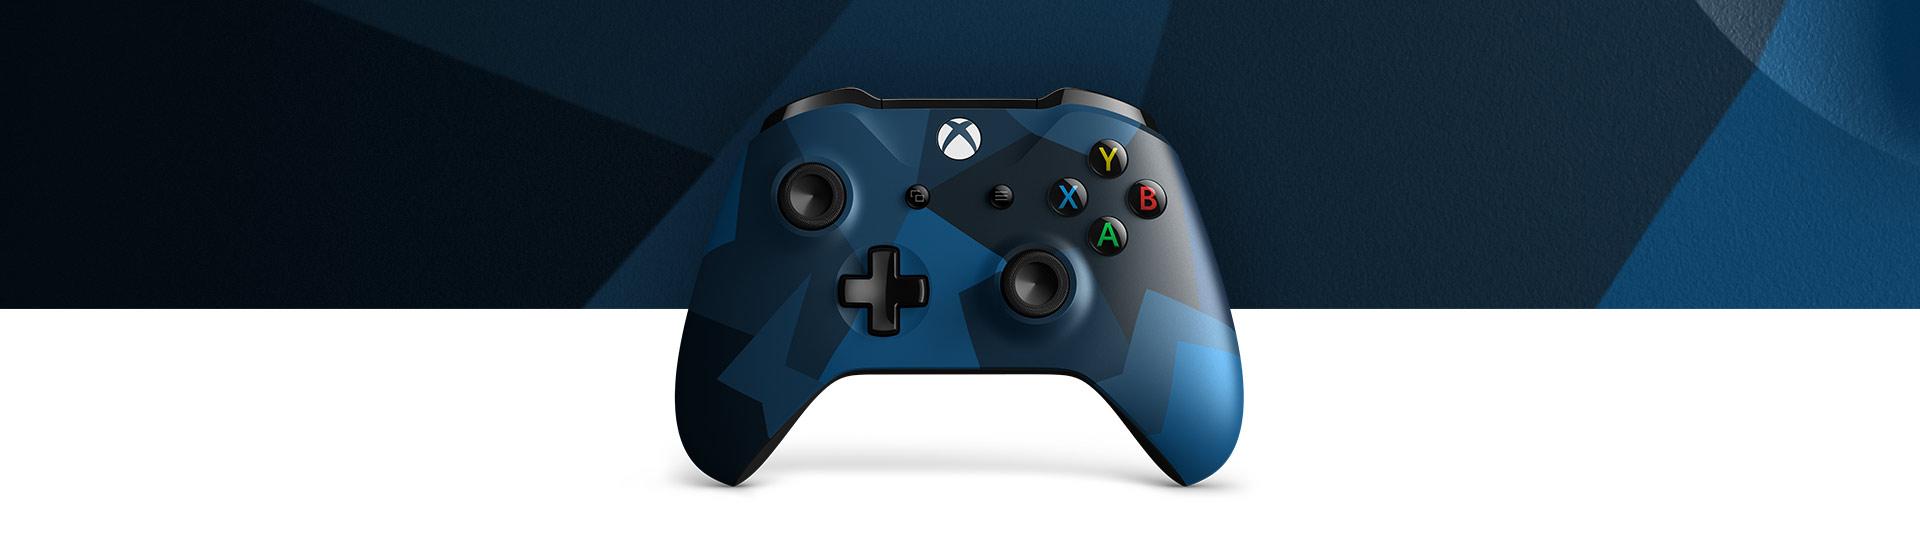 Vue avant de la manette sans fil Xbox – Midnight Forces II Édition spéciale avec un gros plan de la surface texturée de la manette midnight forces